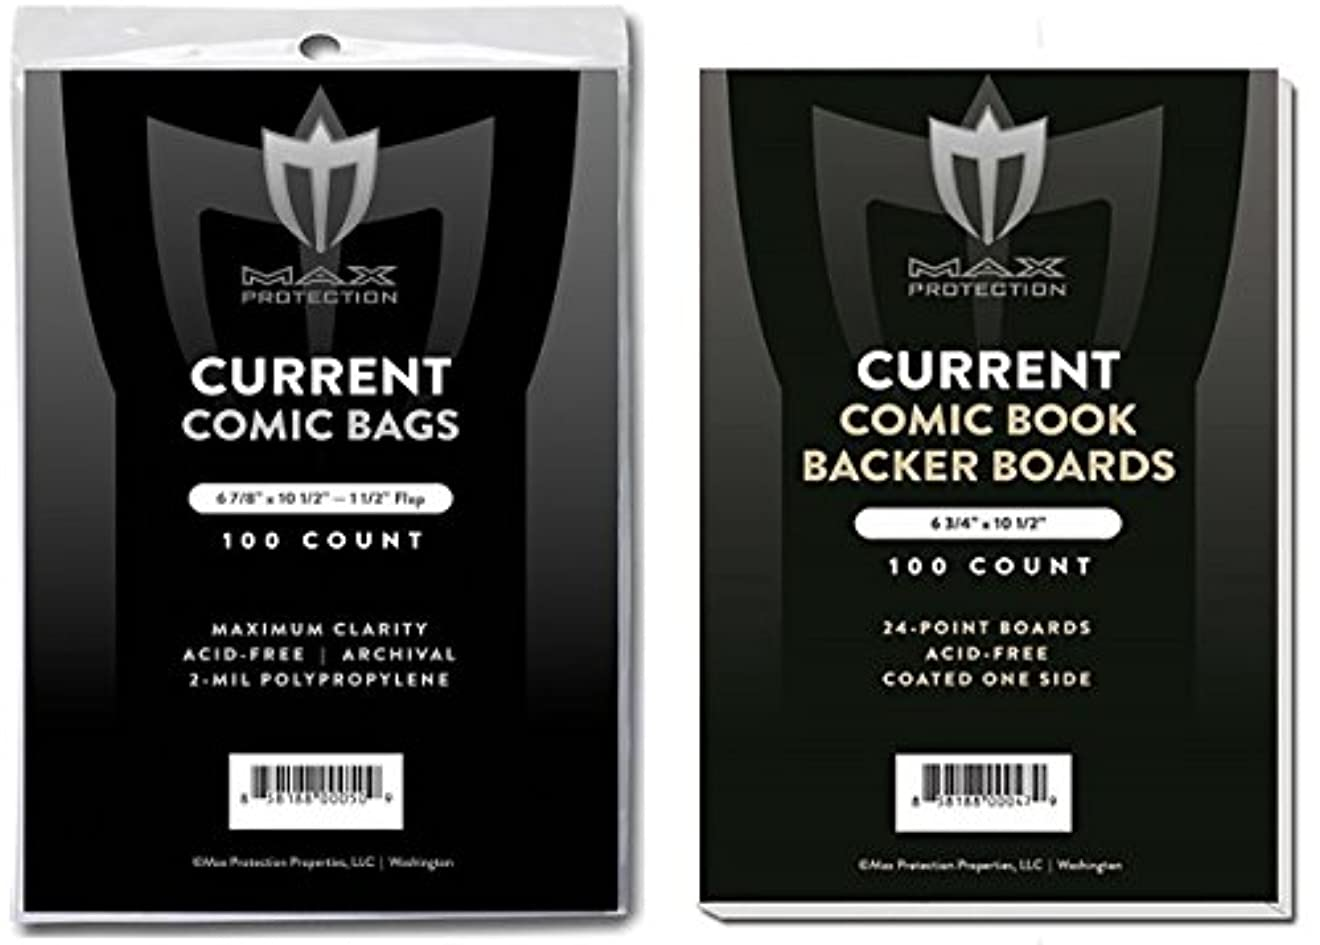 死の顎海洋処理する(500) Current Size Ultra Clear Comic Book Bags and Boards - by Max Pro (Qty= 500 Bags and 500 Boards)